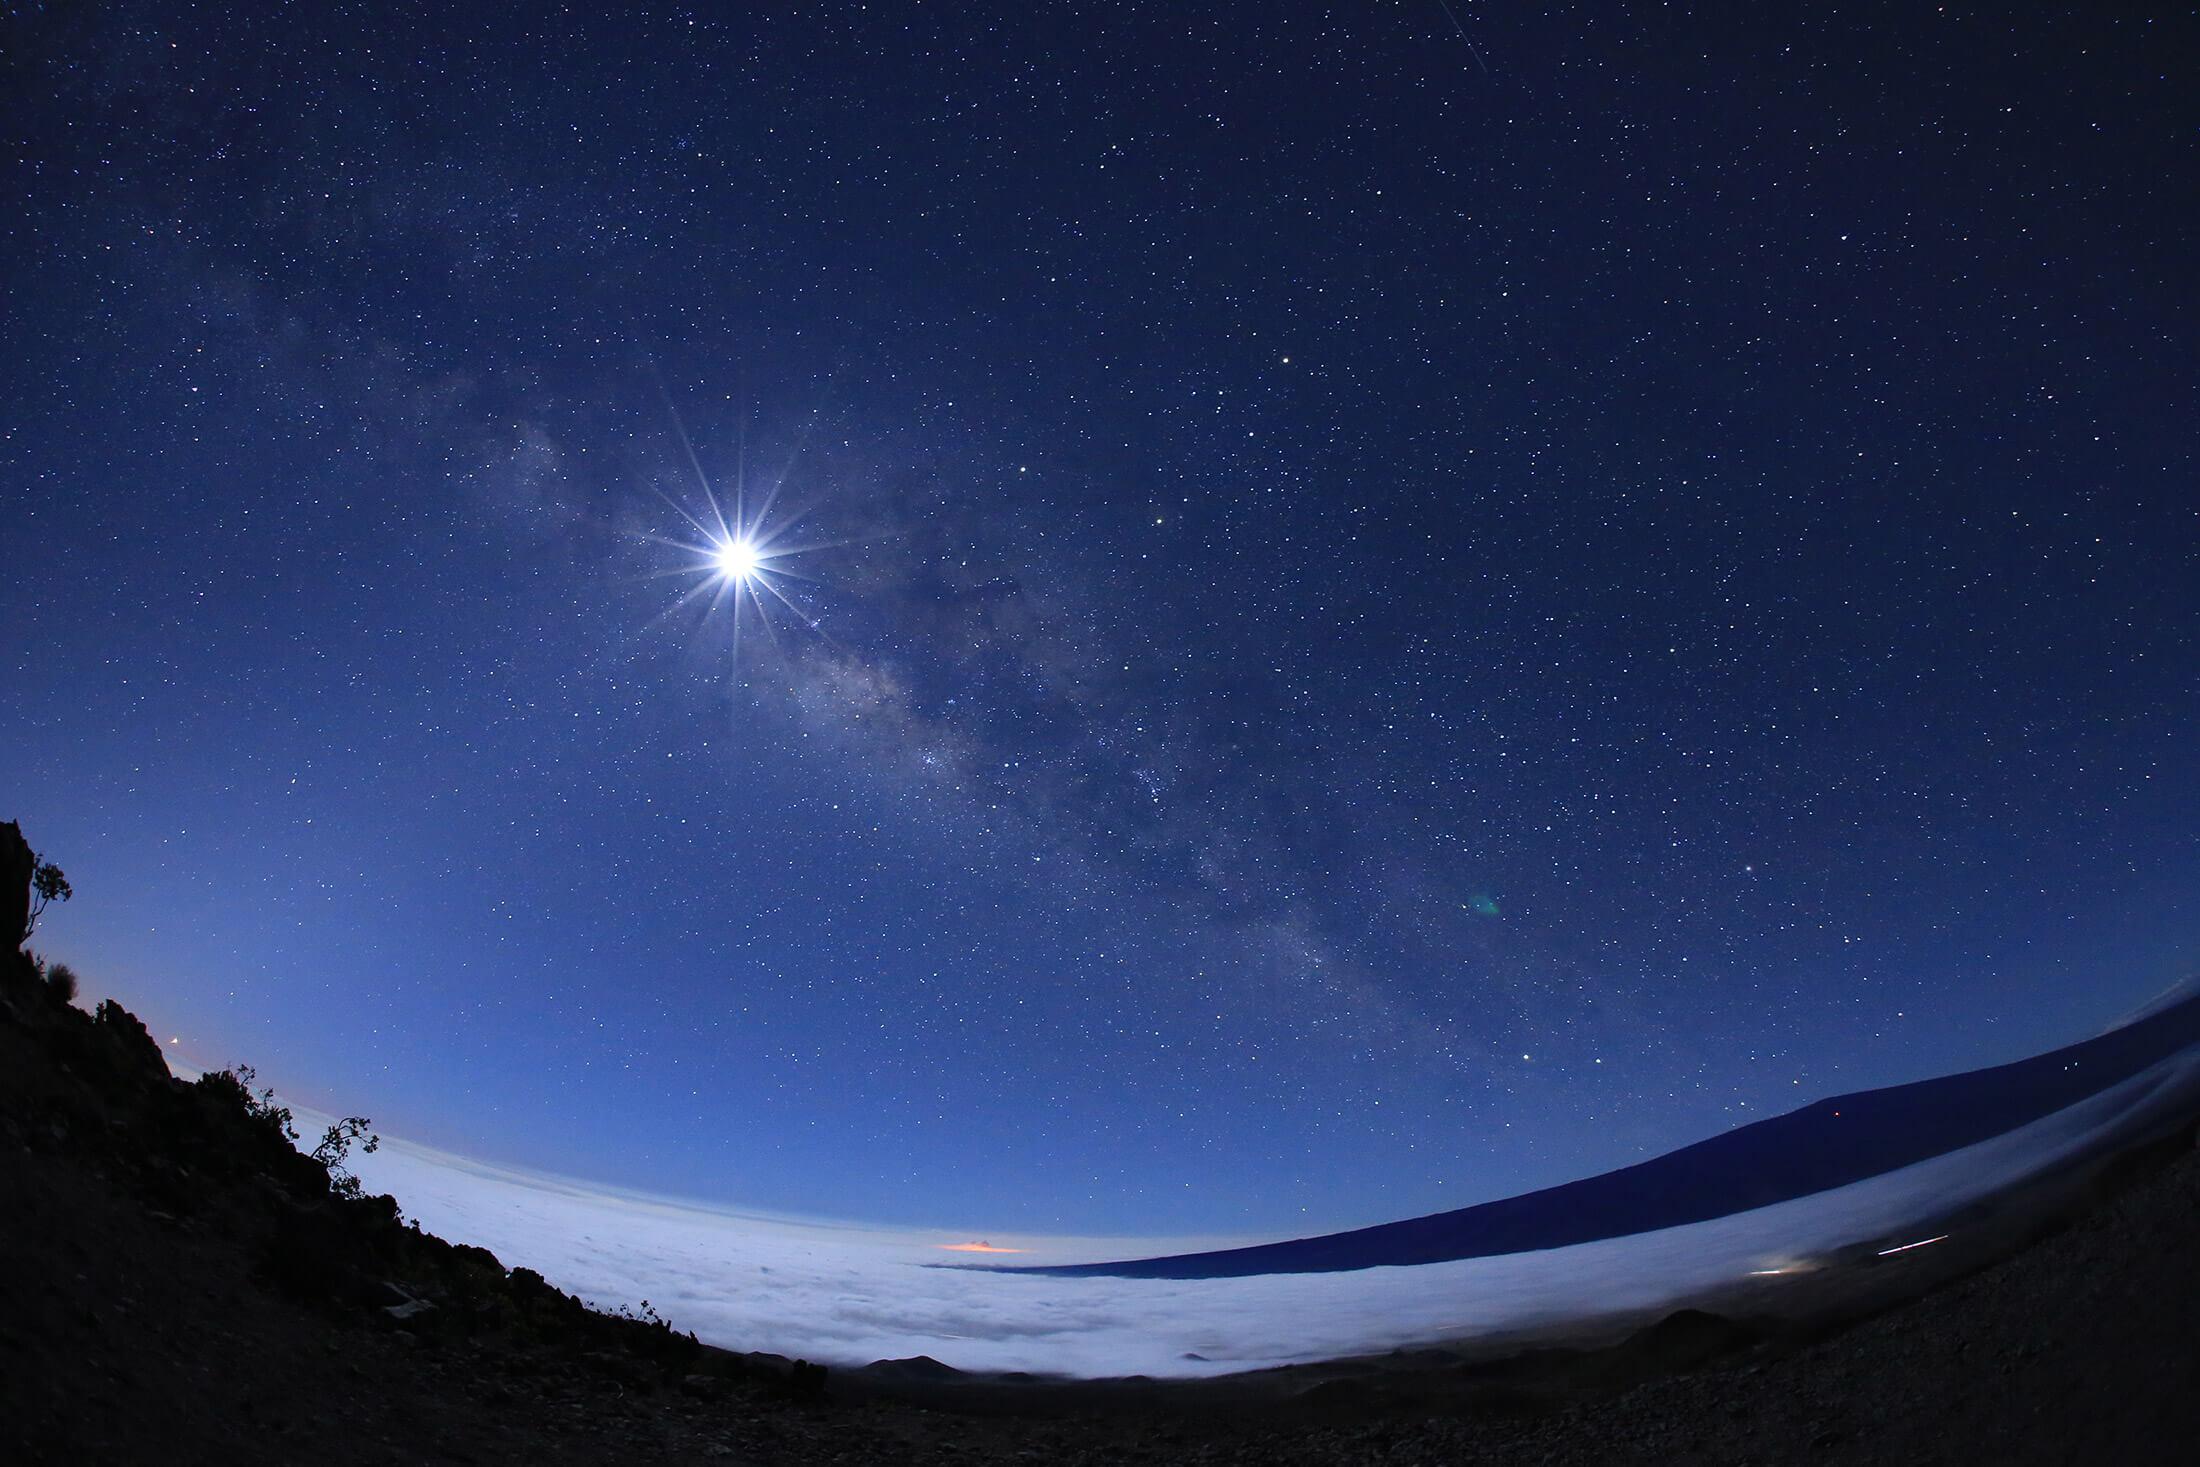 ハワイ島マウナケア星空ツアー